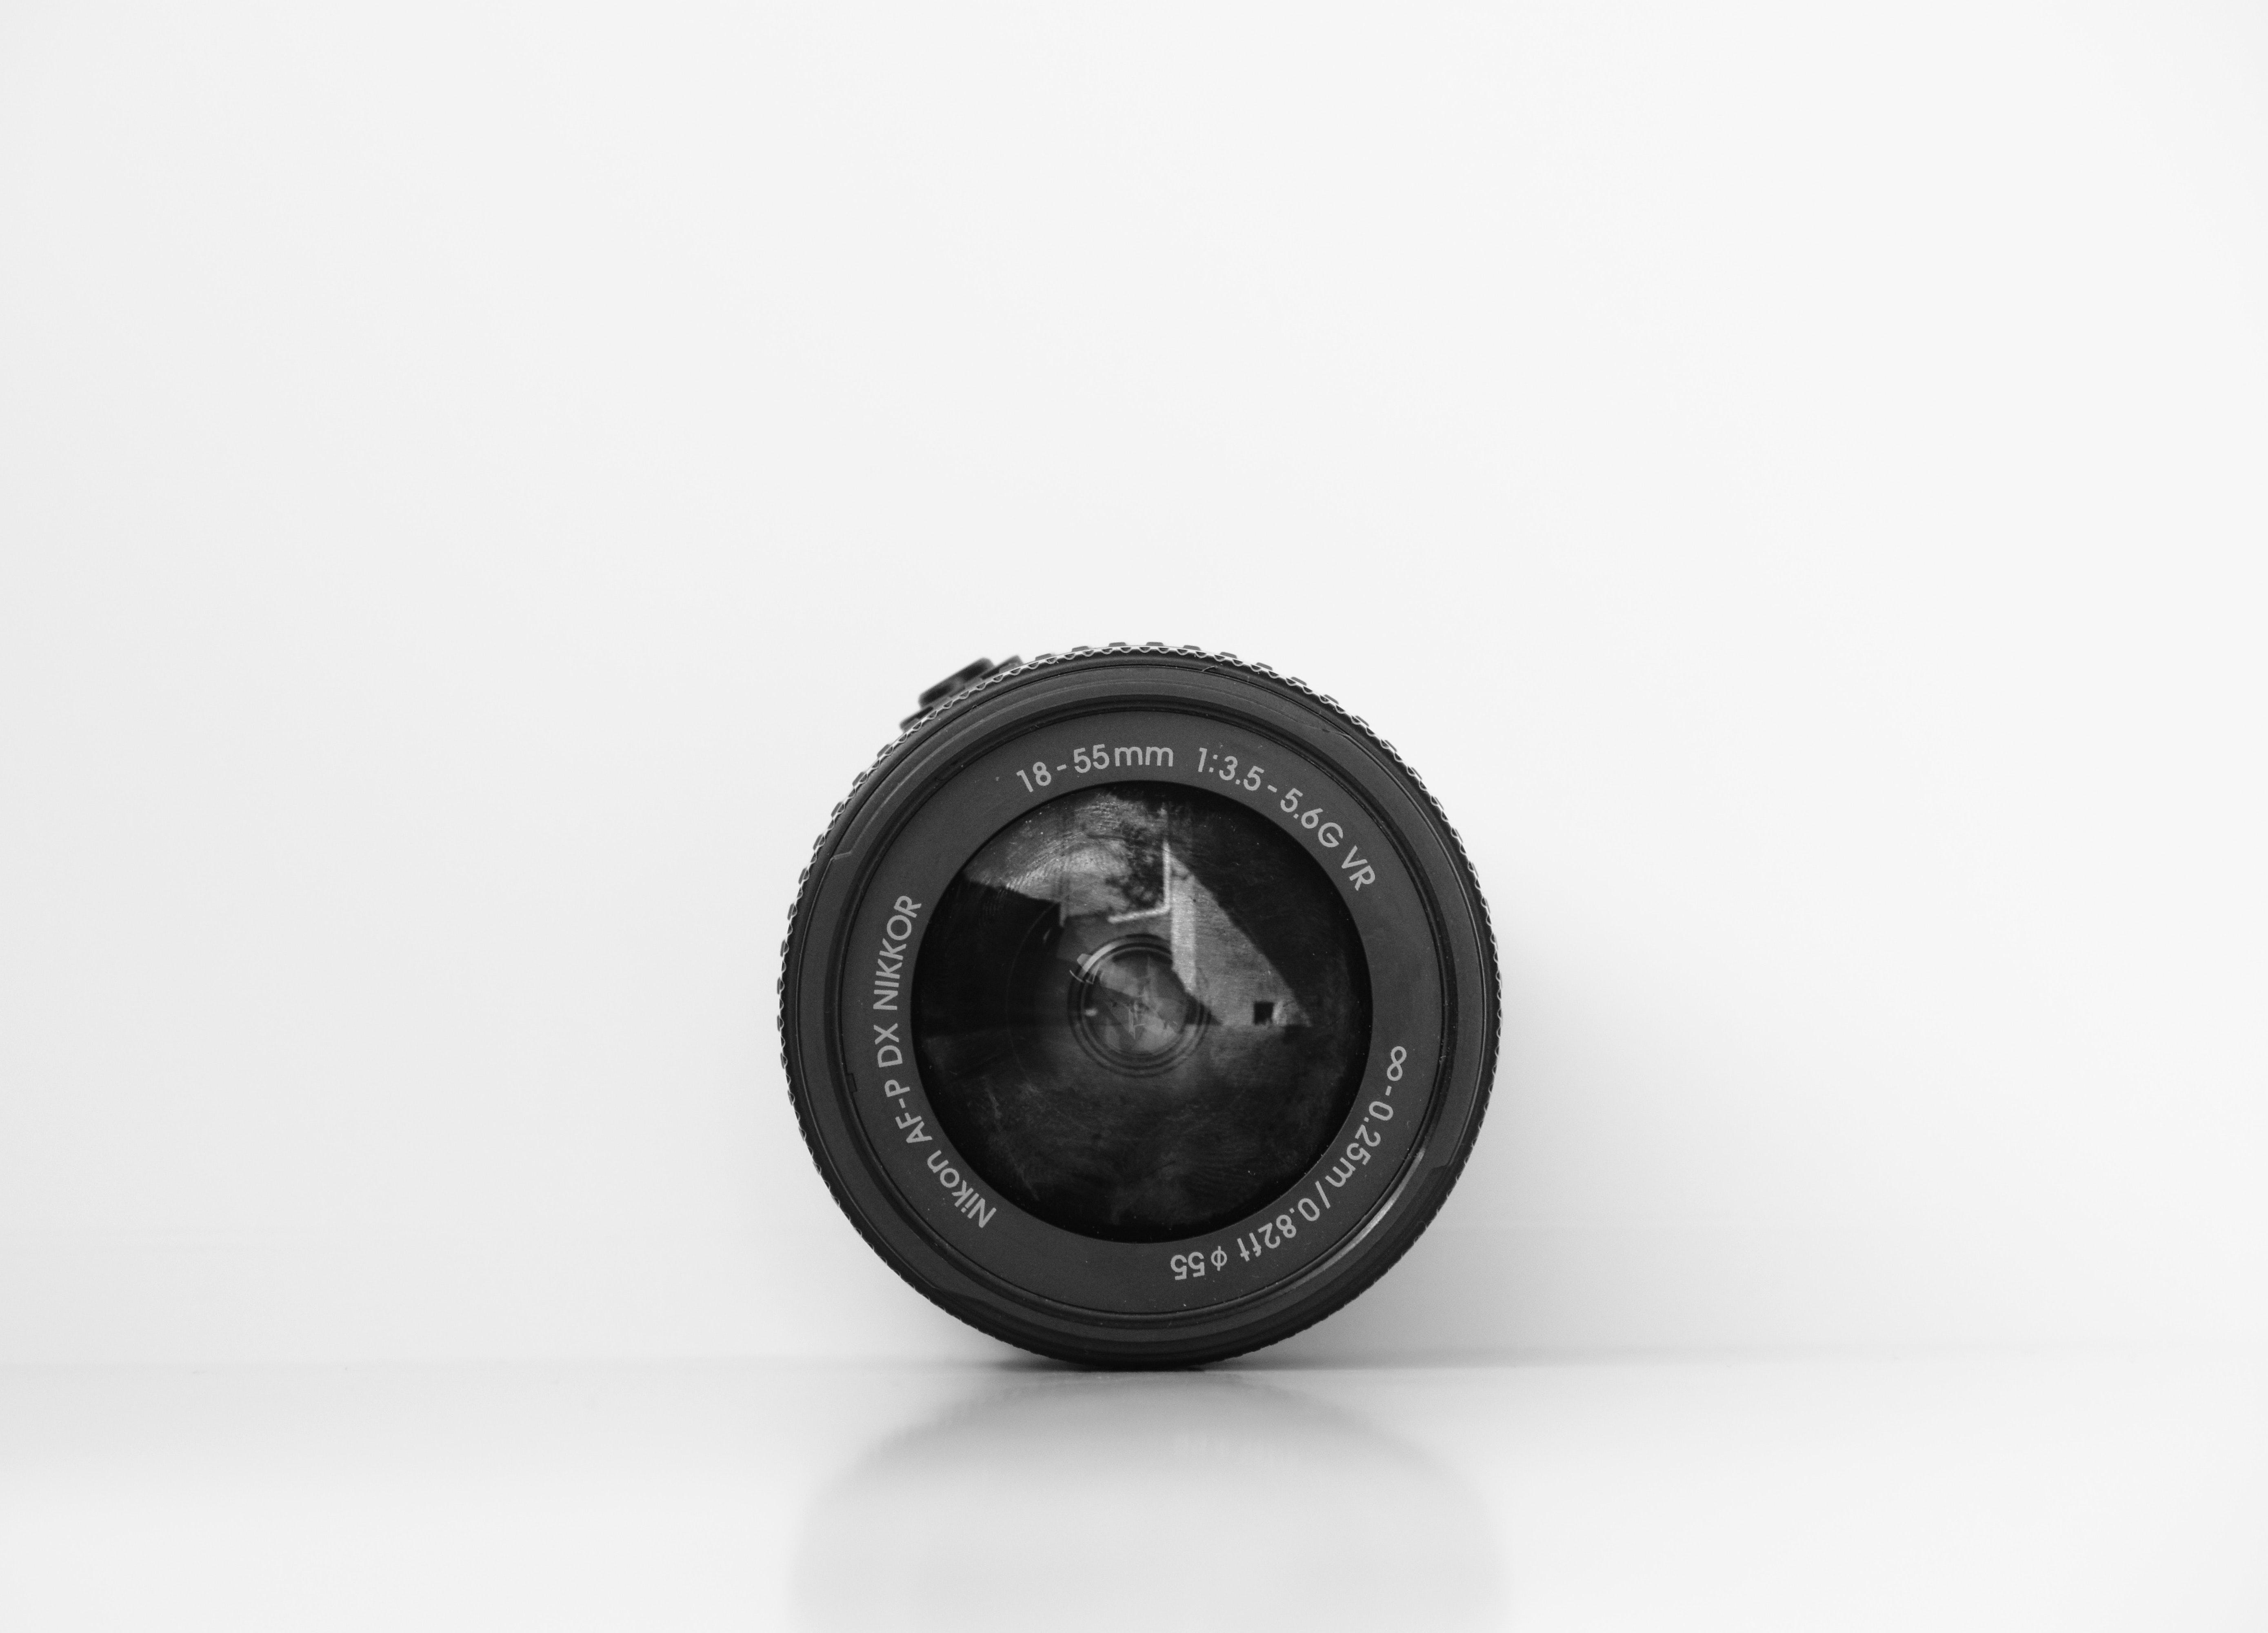 How focal length looks on lens